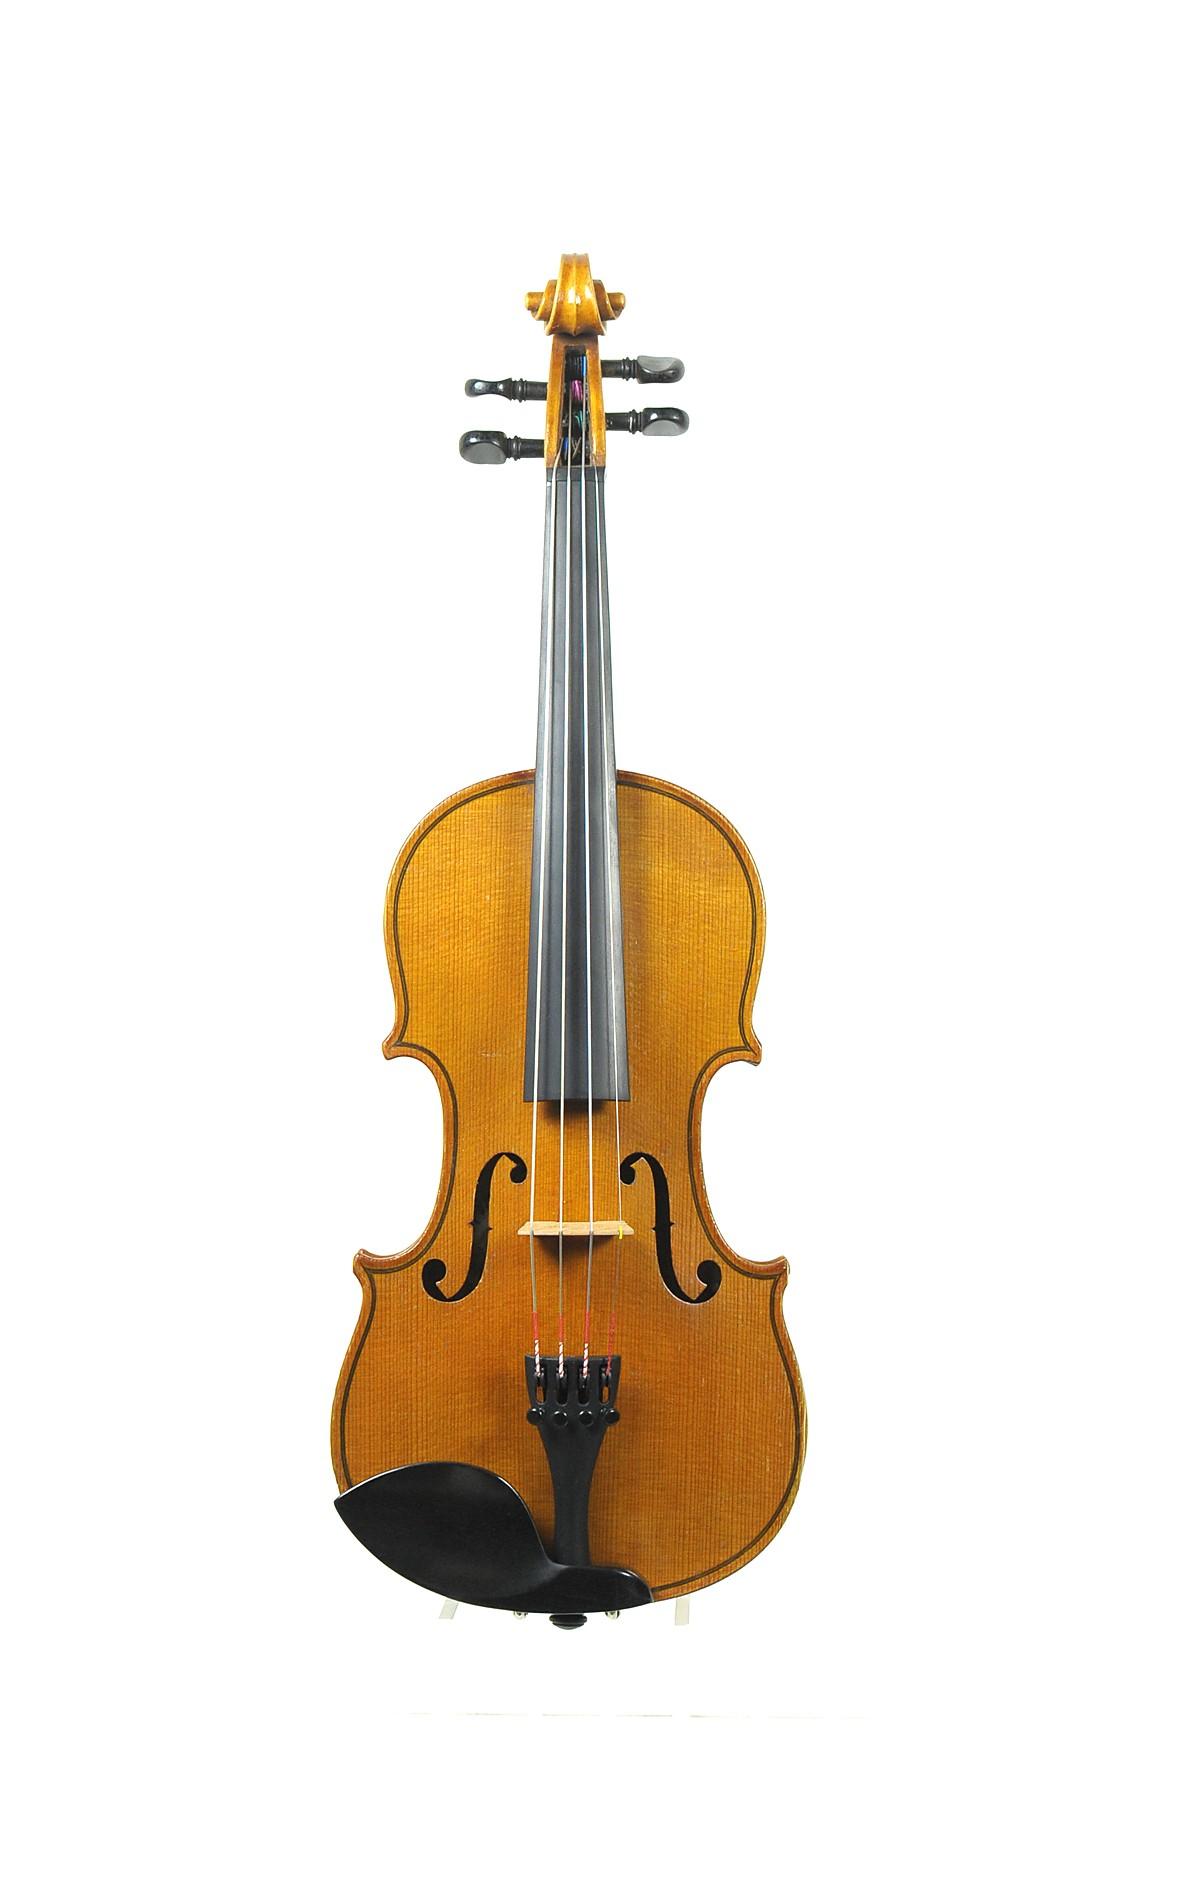 Antique 1/4  violin - Old German quarter-sized violin